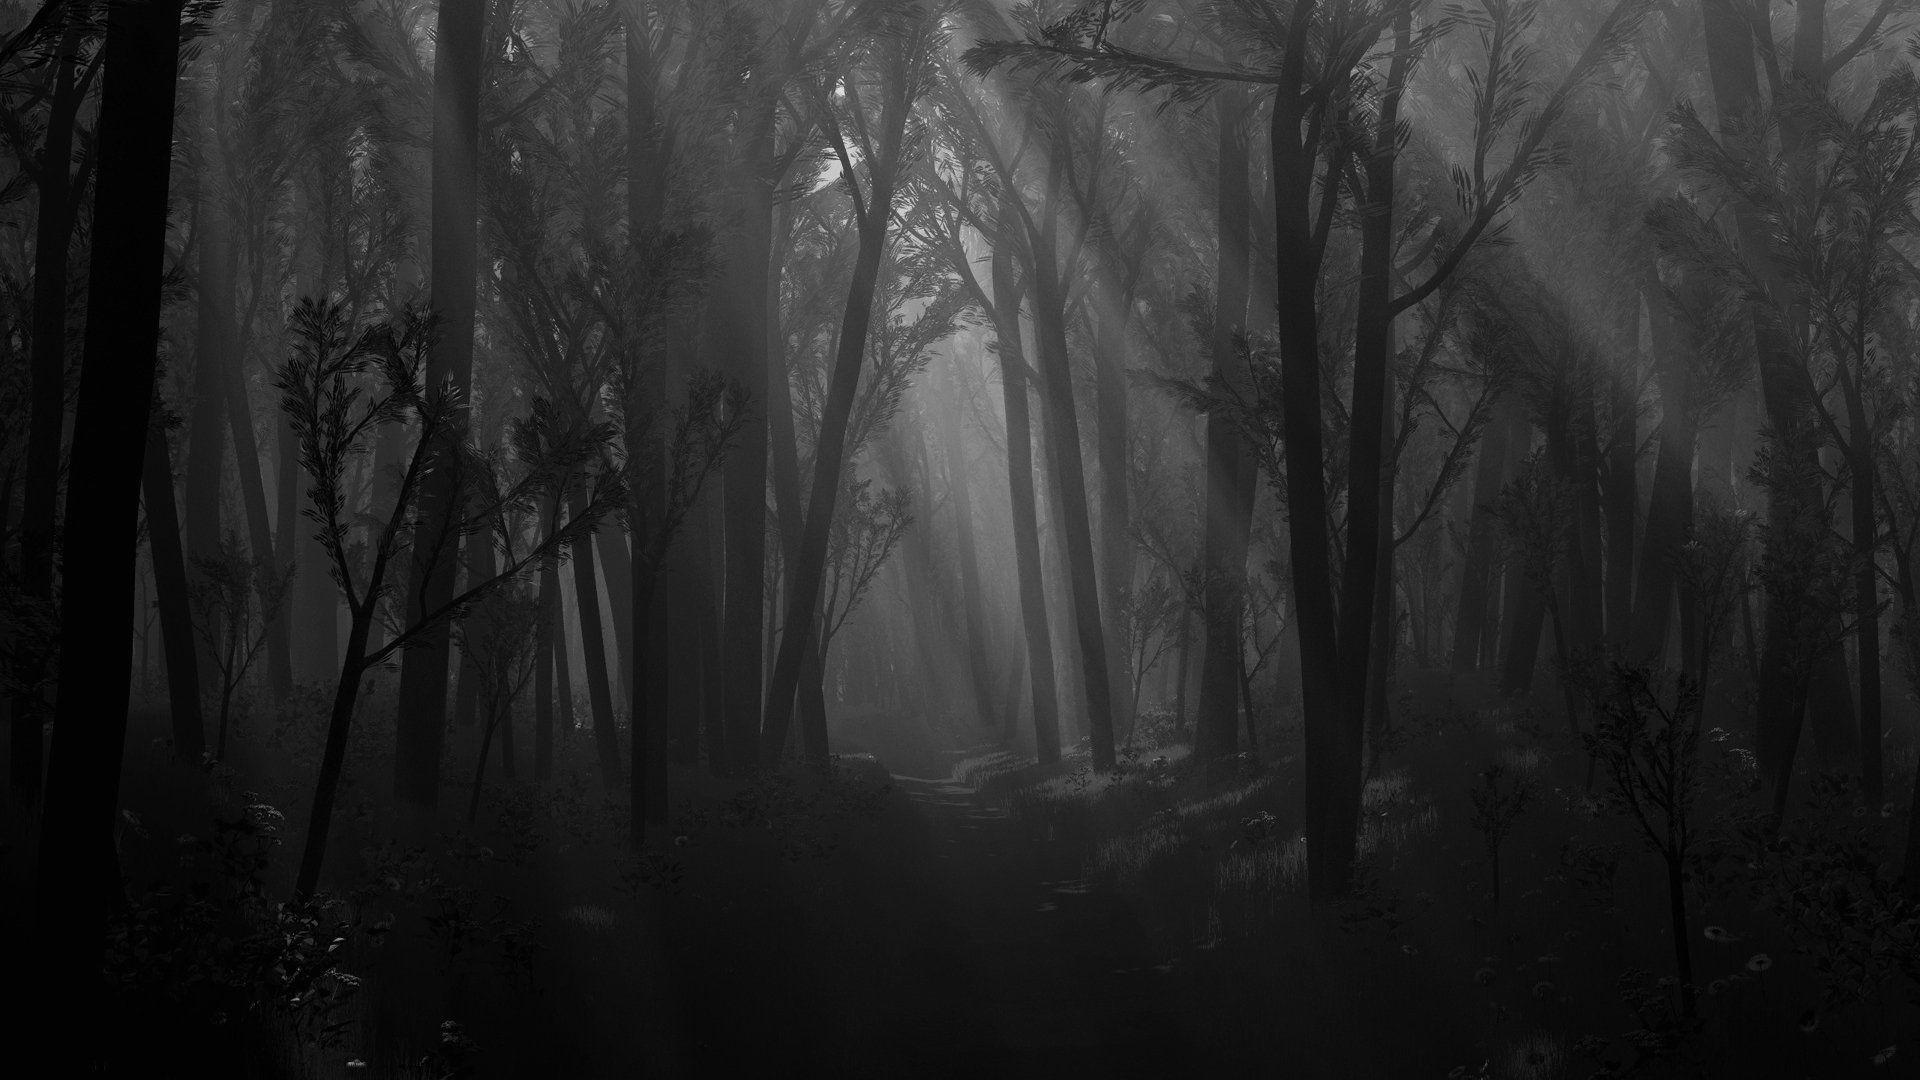 8bff0333e904c8e72e74a12786830897 - 6 Hutan Mengerikan Yang Mempunyai Sebuah Kisah Mistis